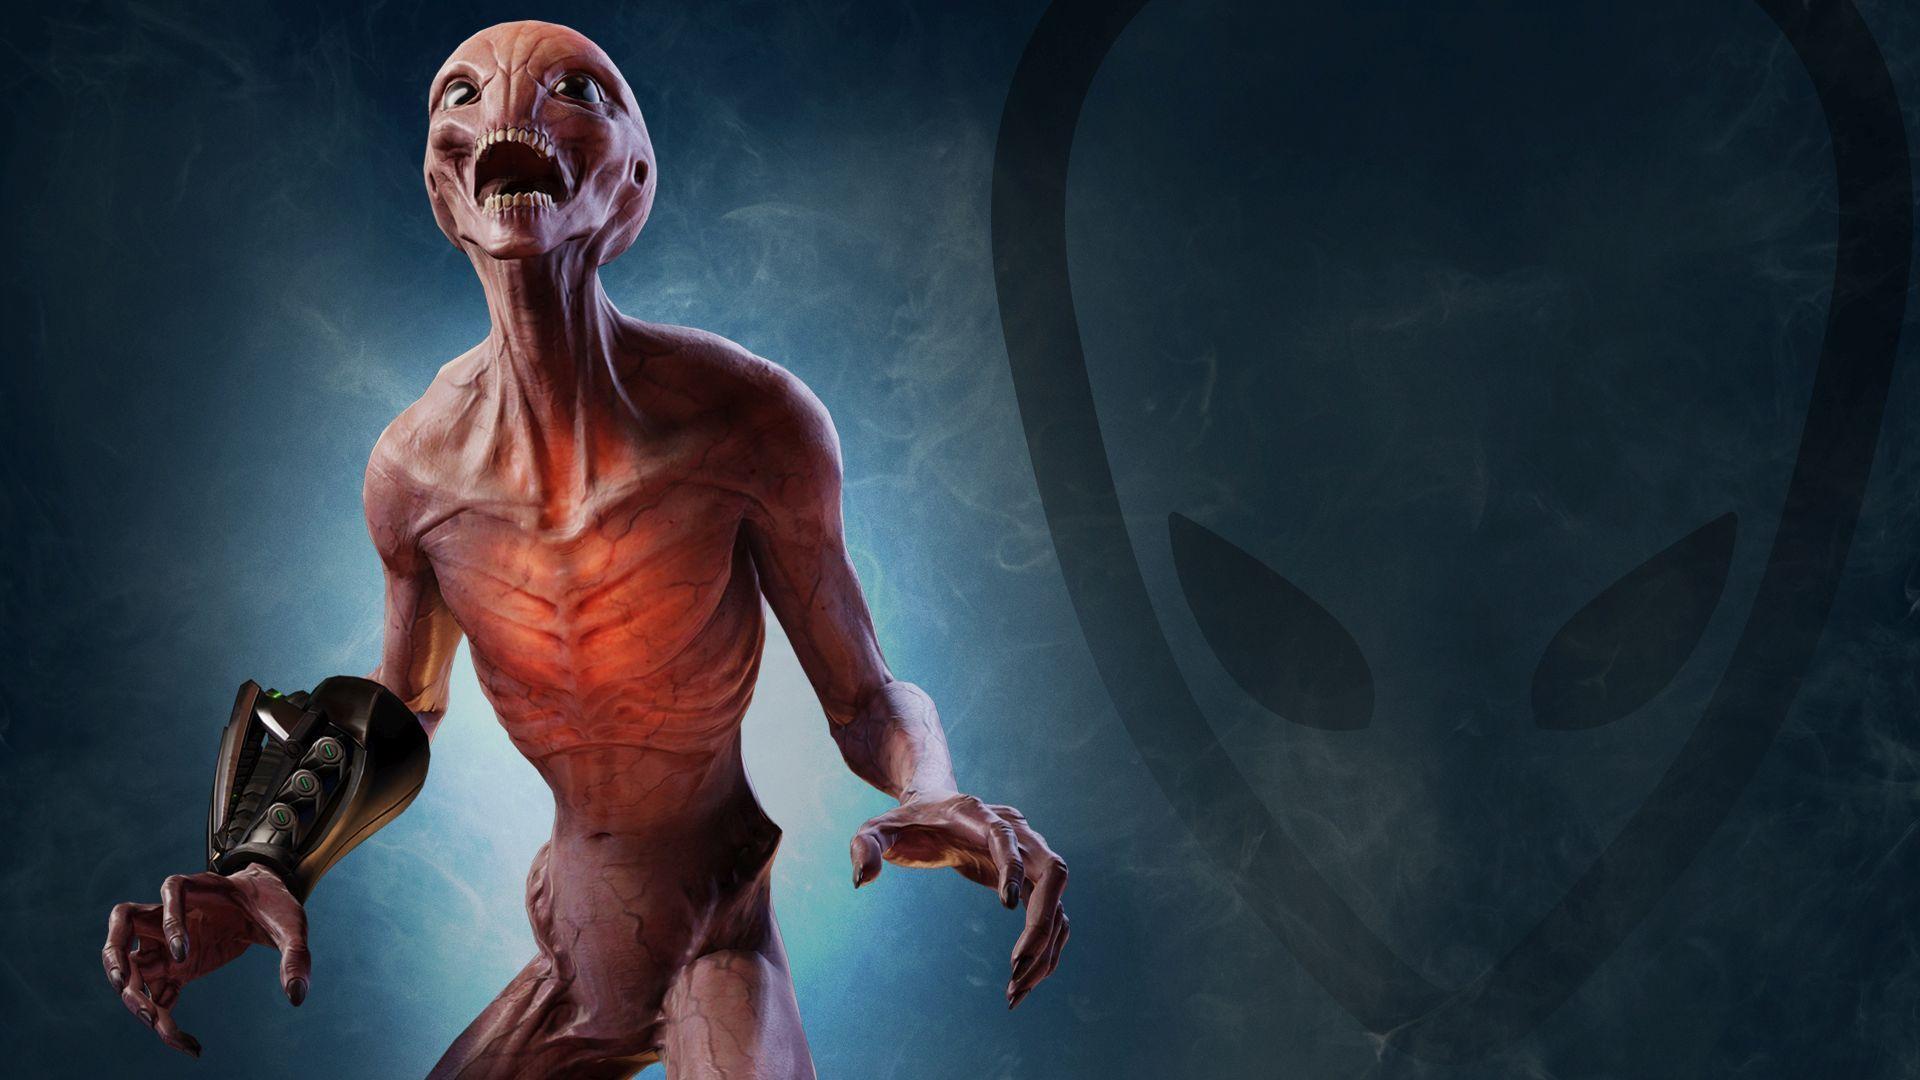 12463 - ¿Quién tiene que ver con cada suceso, acción o lugar en un juego con alienígenas?